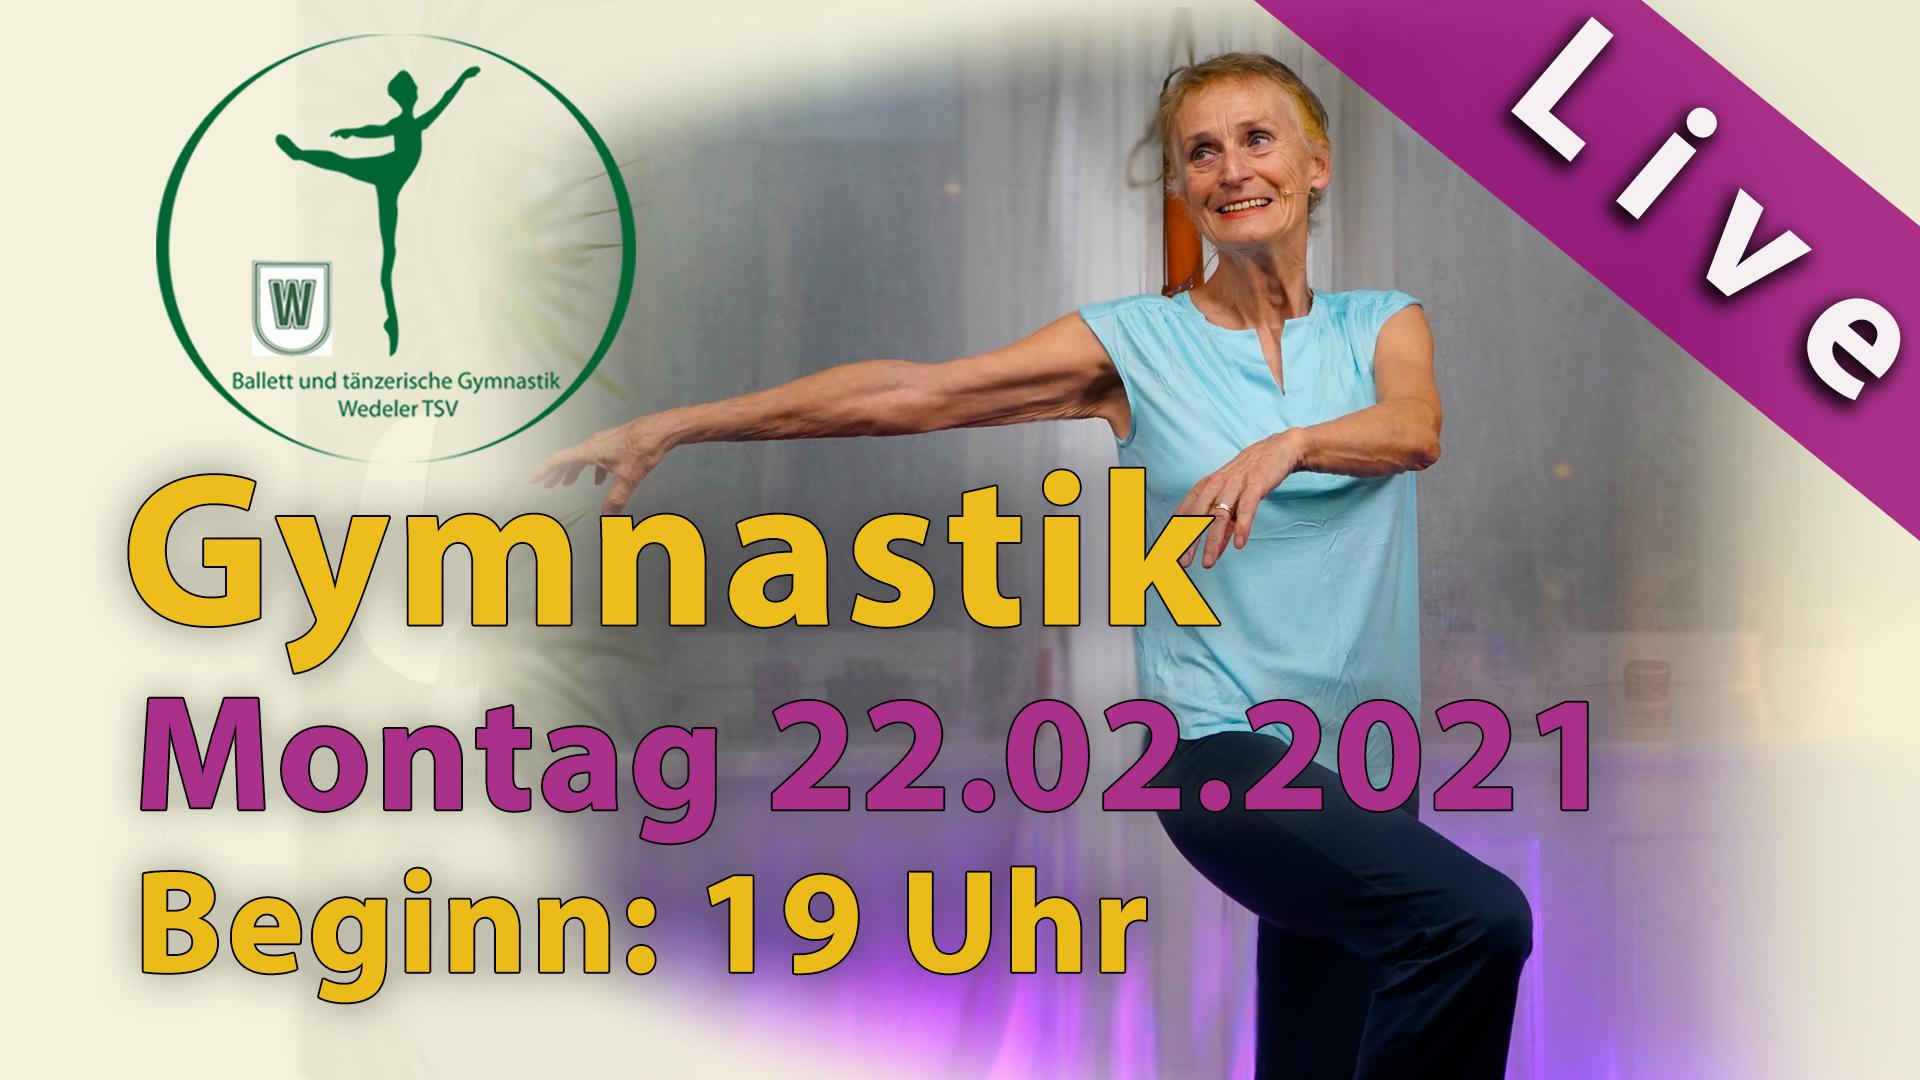 Gymnastik Livestream | Mo 22.02.2021 | 19 Uhr